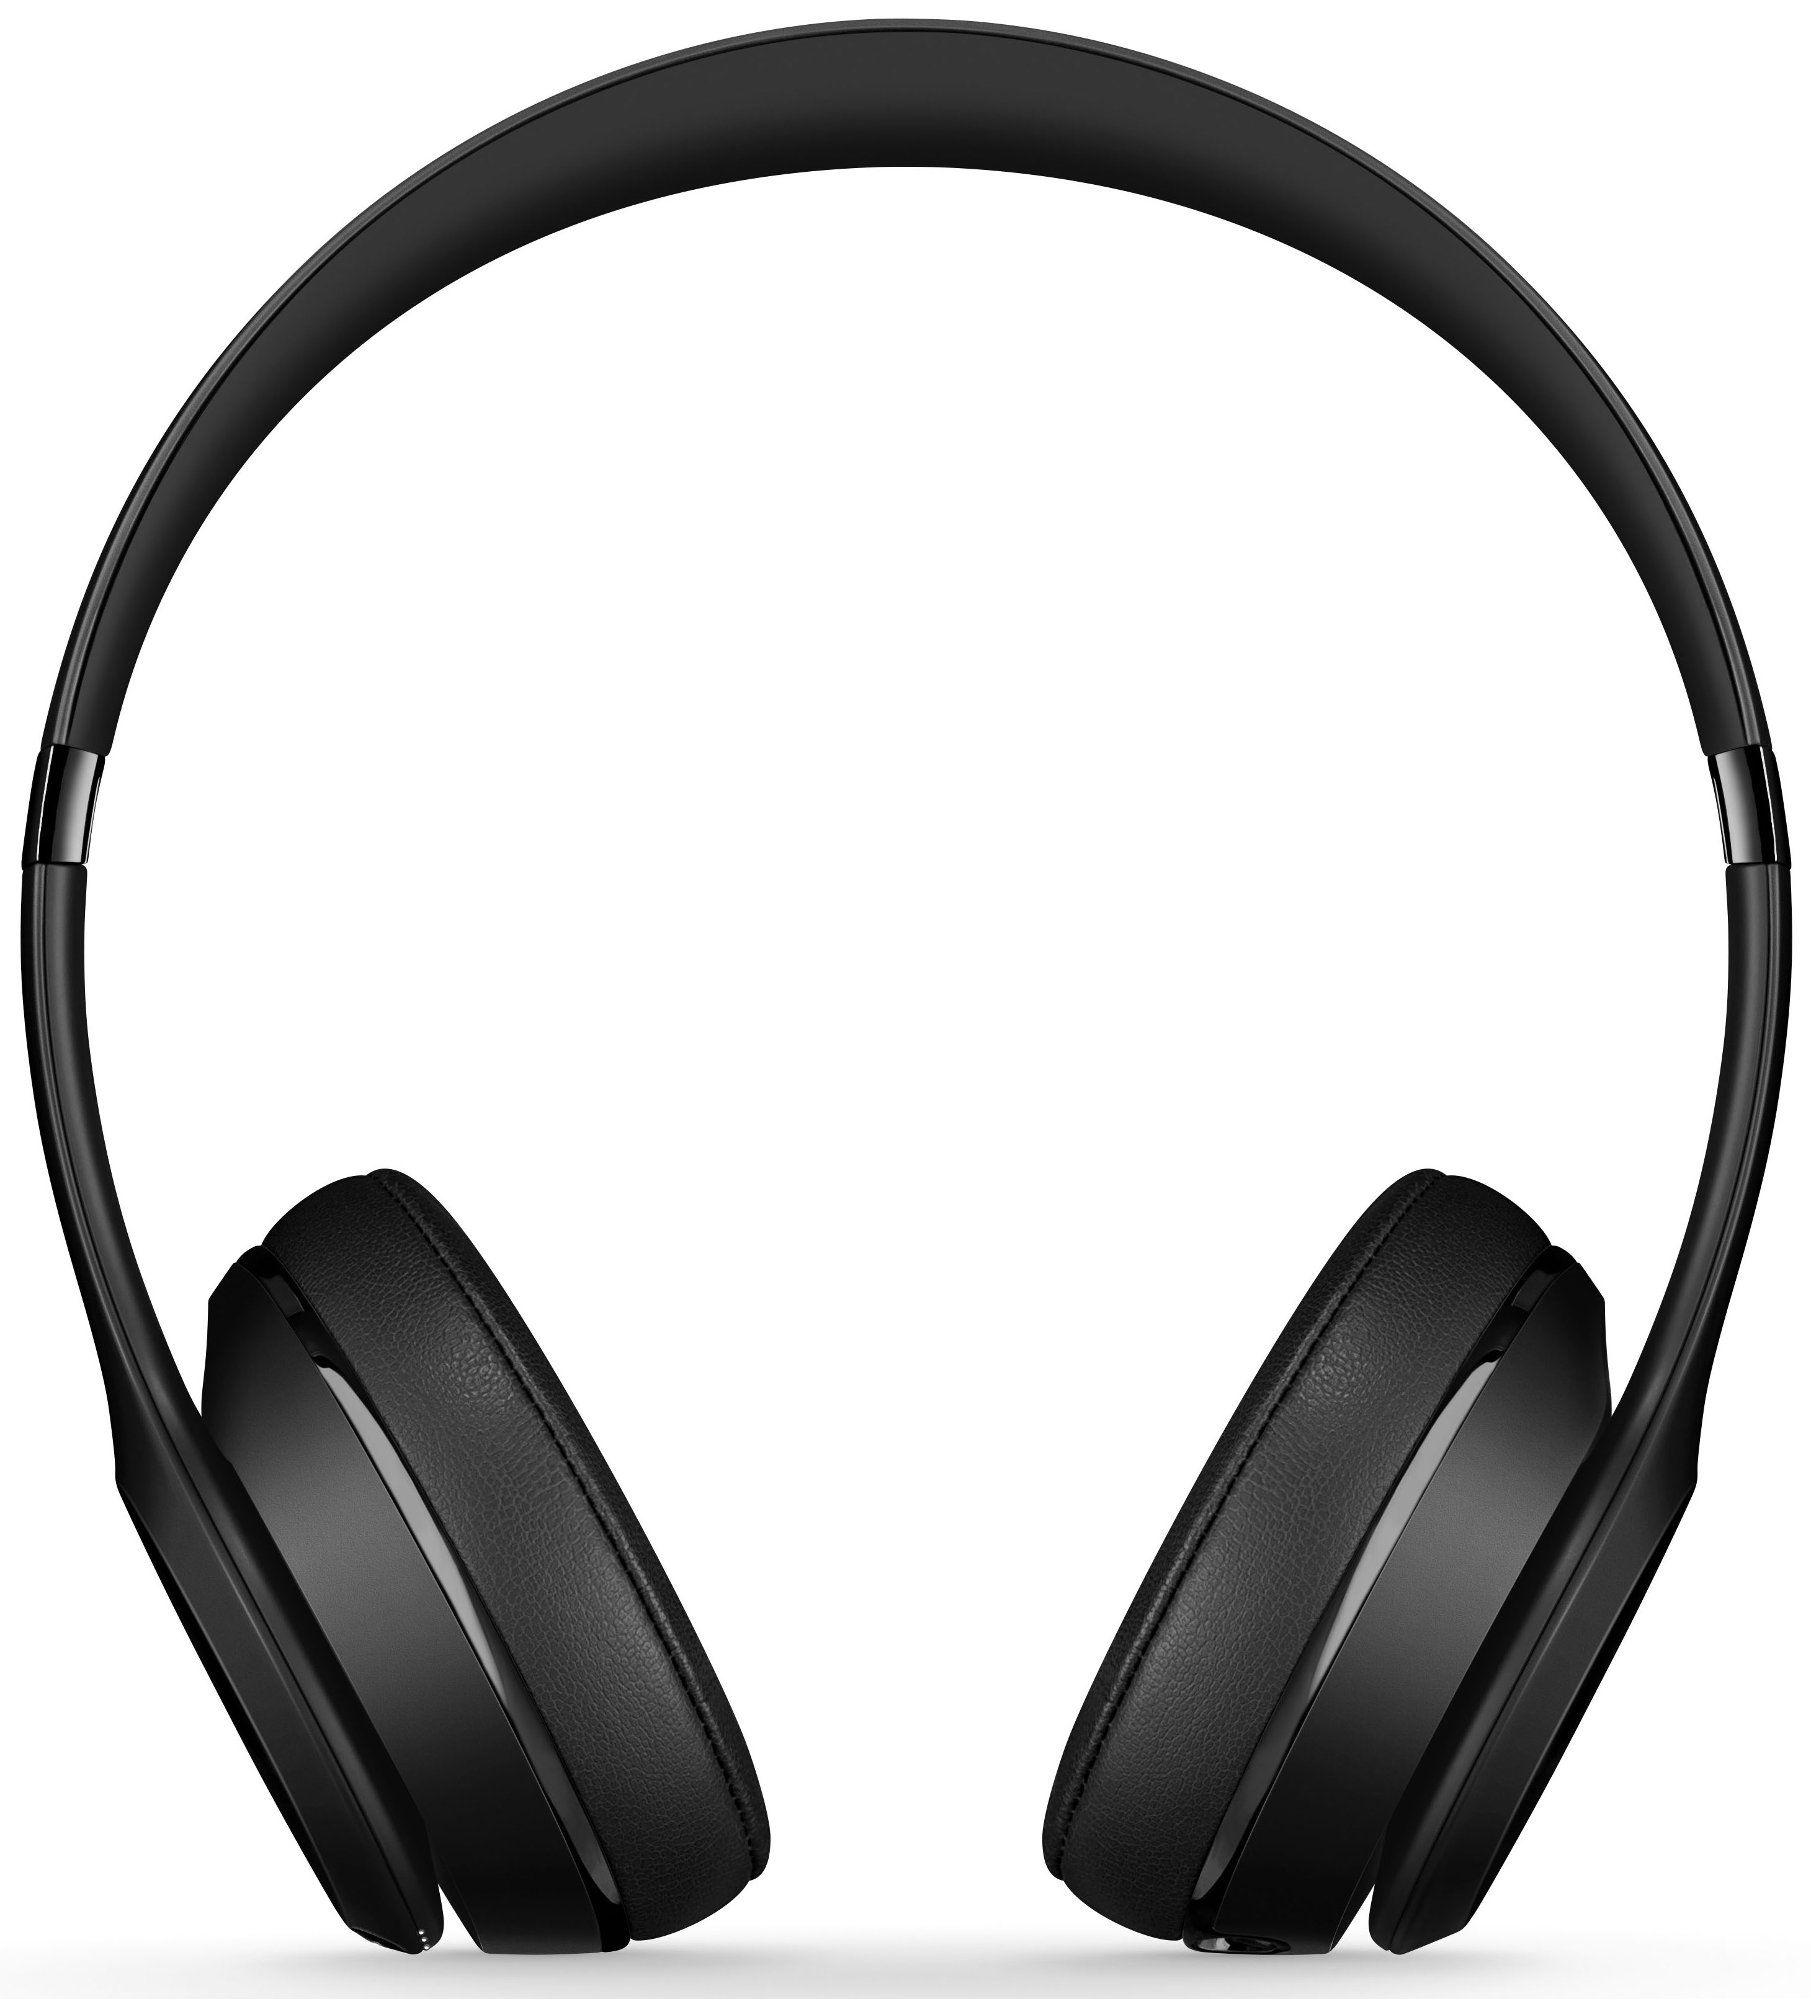 Wireless Beats Headphones Solo3 Black In 2020 Beats Headphones Wireless Headphones Wireless Beats